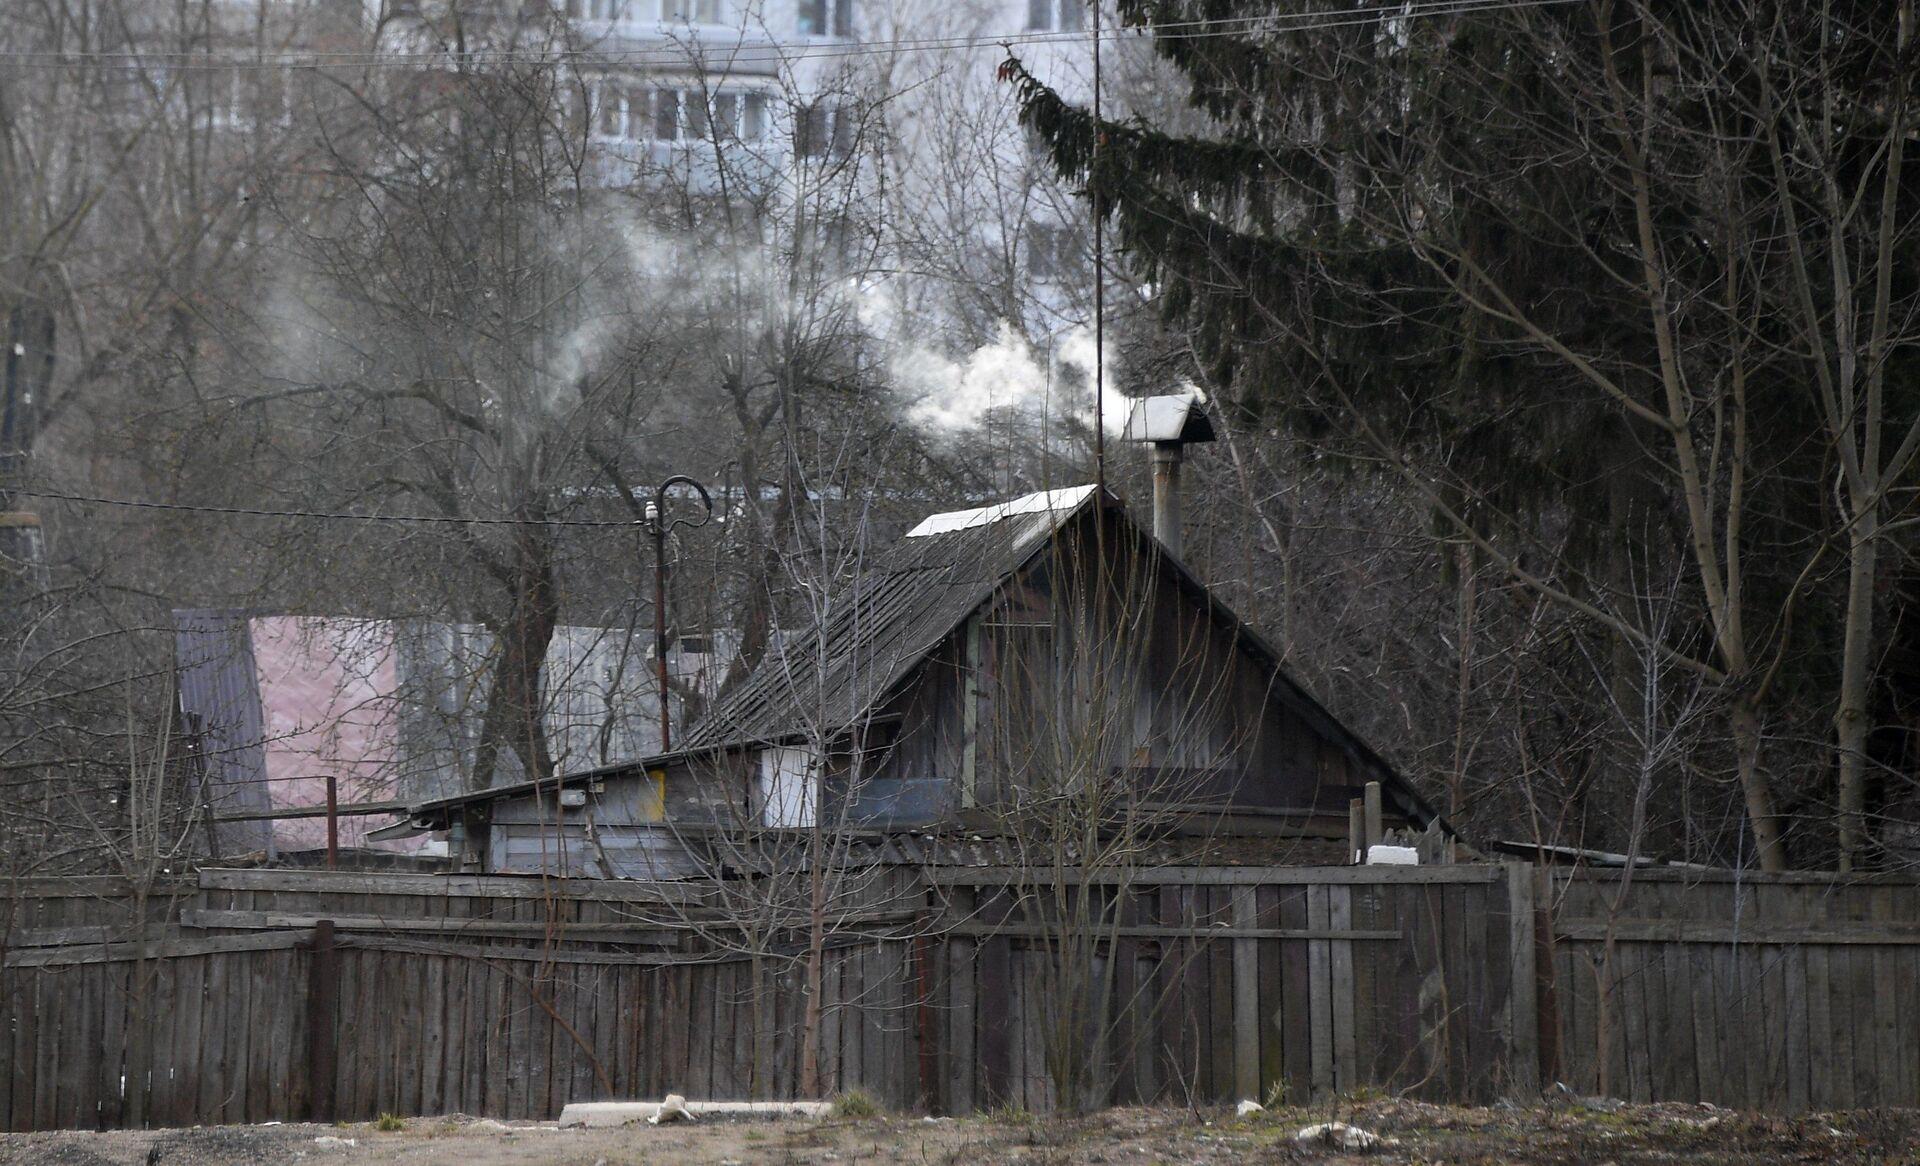 Деревня в Минске: одни сидят на чемоданах, другие воюют с застройщиками - Sputnik Беларусь, 1920, 12.03.2021